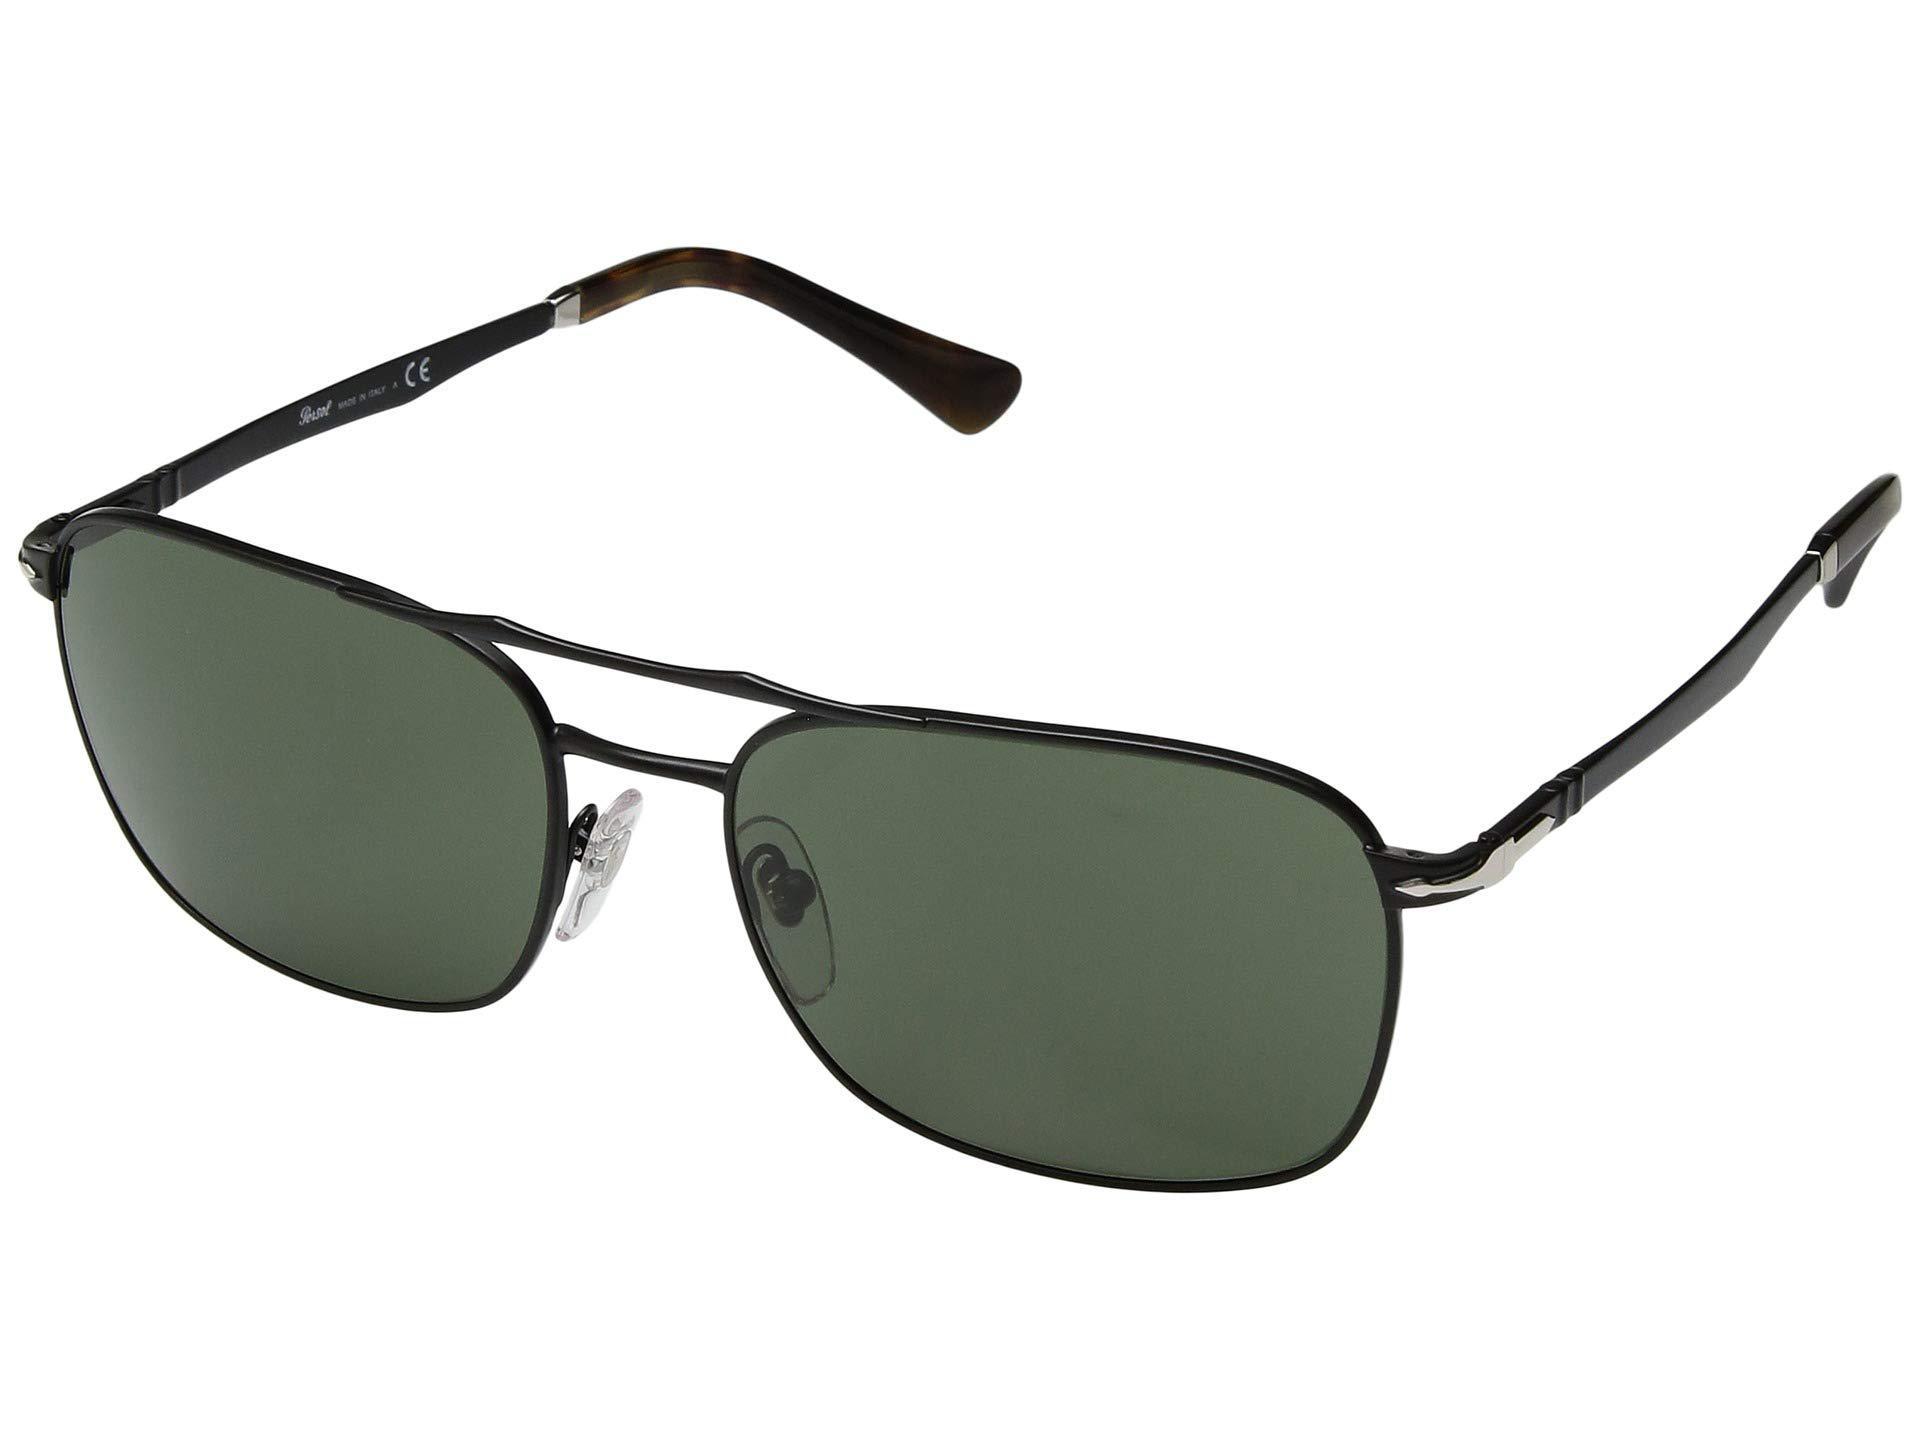 Lyst - Persol 0po2454s (gold brown) Fashion Sunglasses for Men 9beba5897c